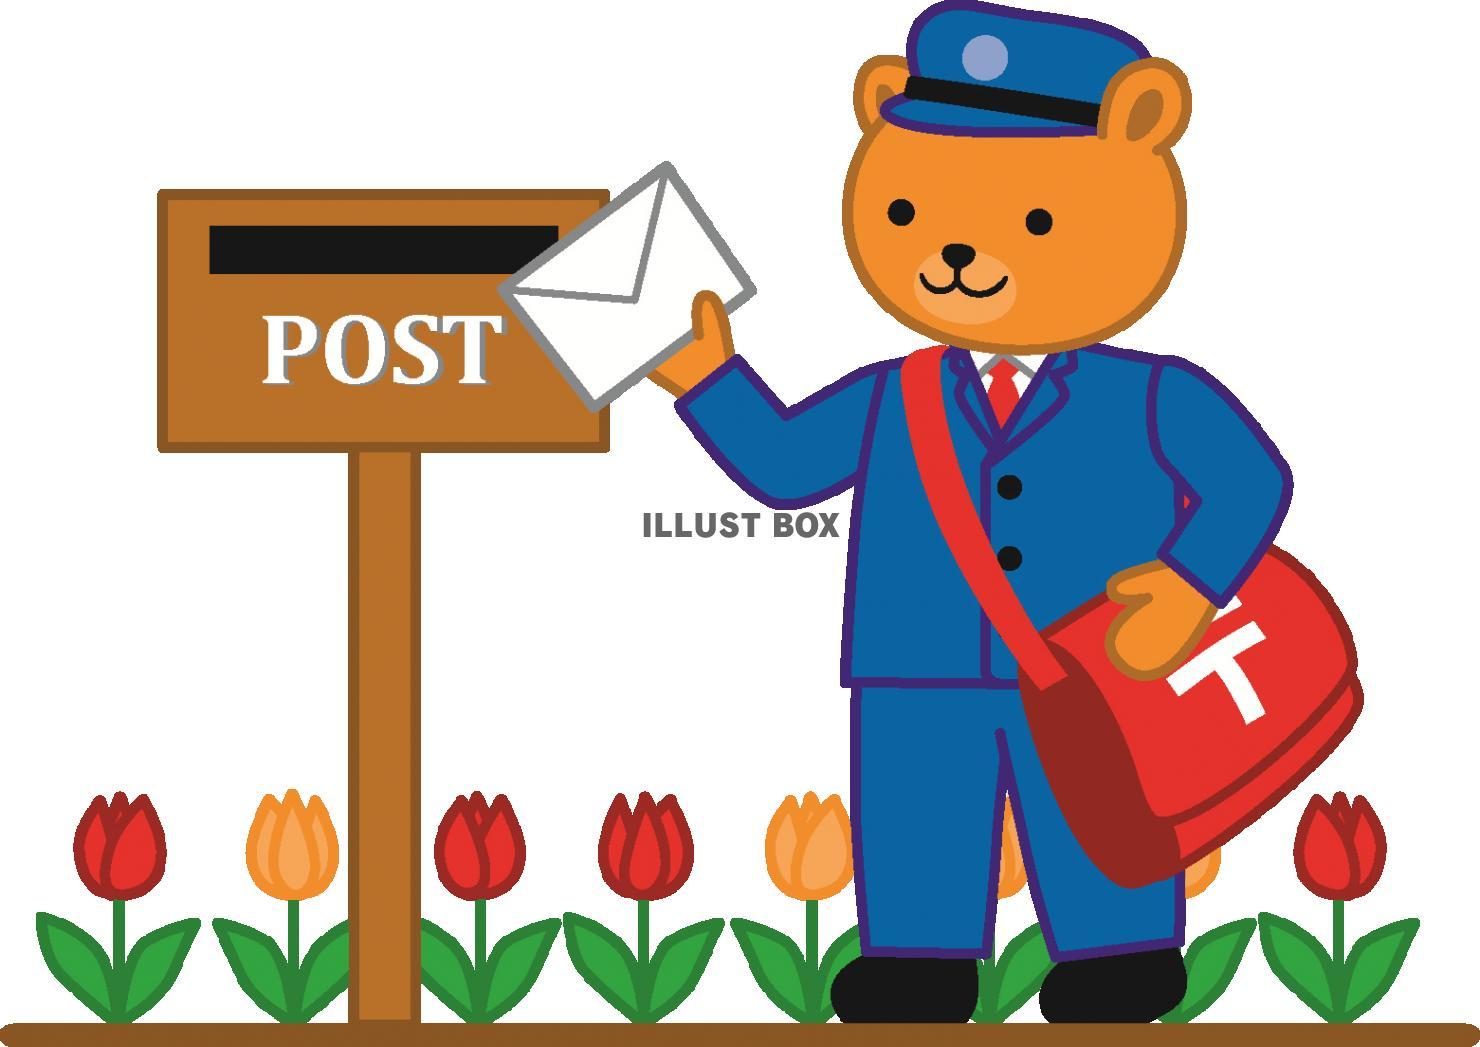 無料イラスト クマの郵便屋さん1